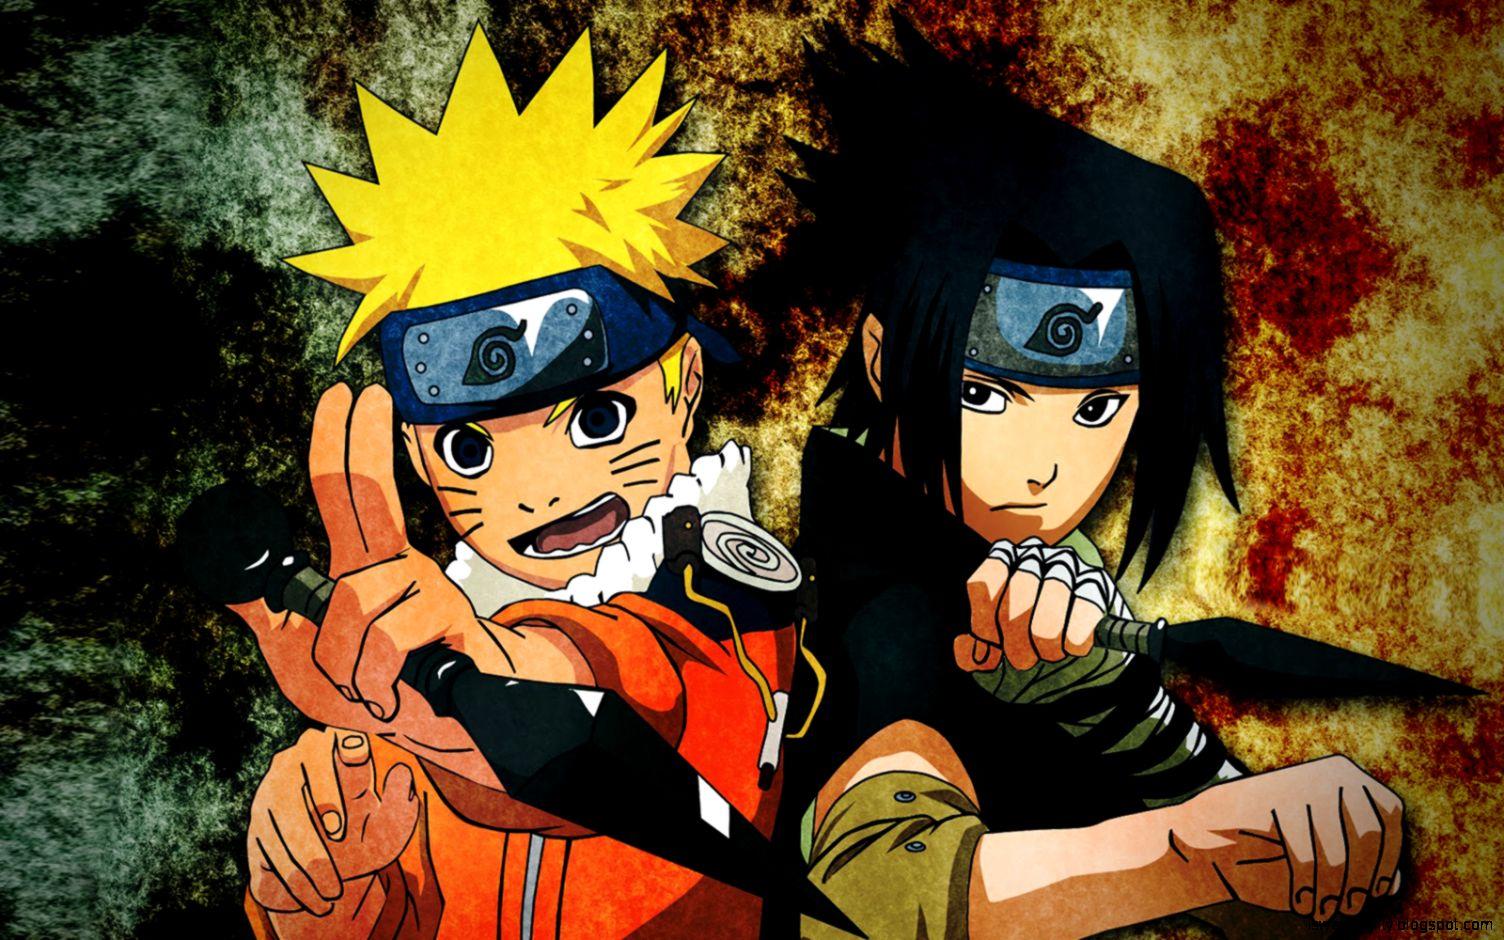 naruto uzumaki and sasuke uchiha naruto uzumaki and sasuke